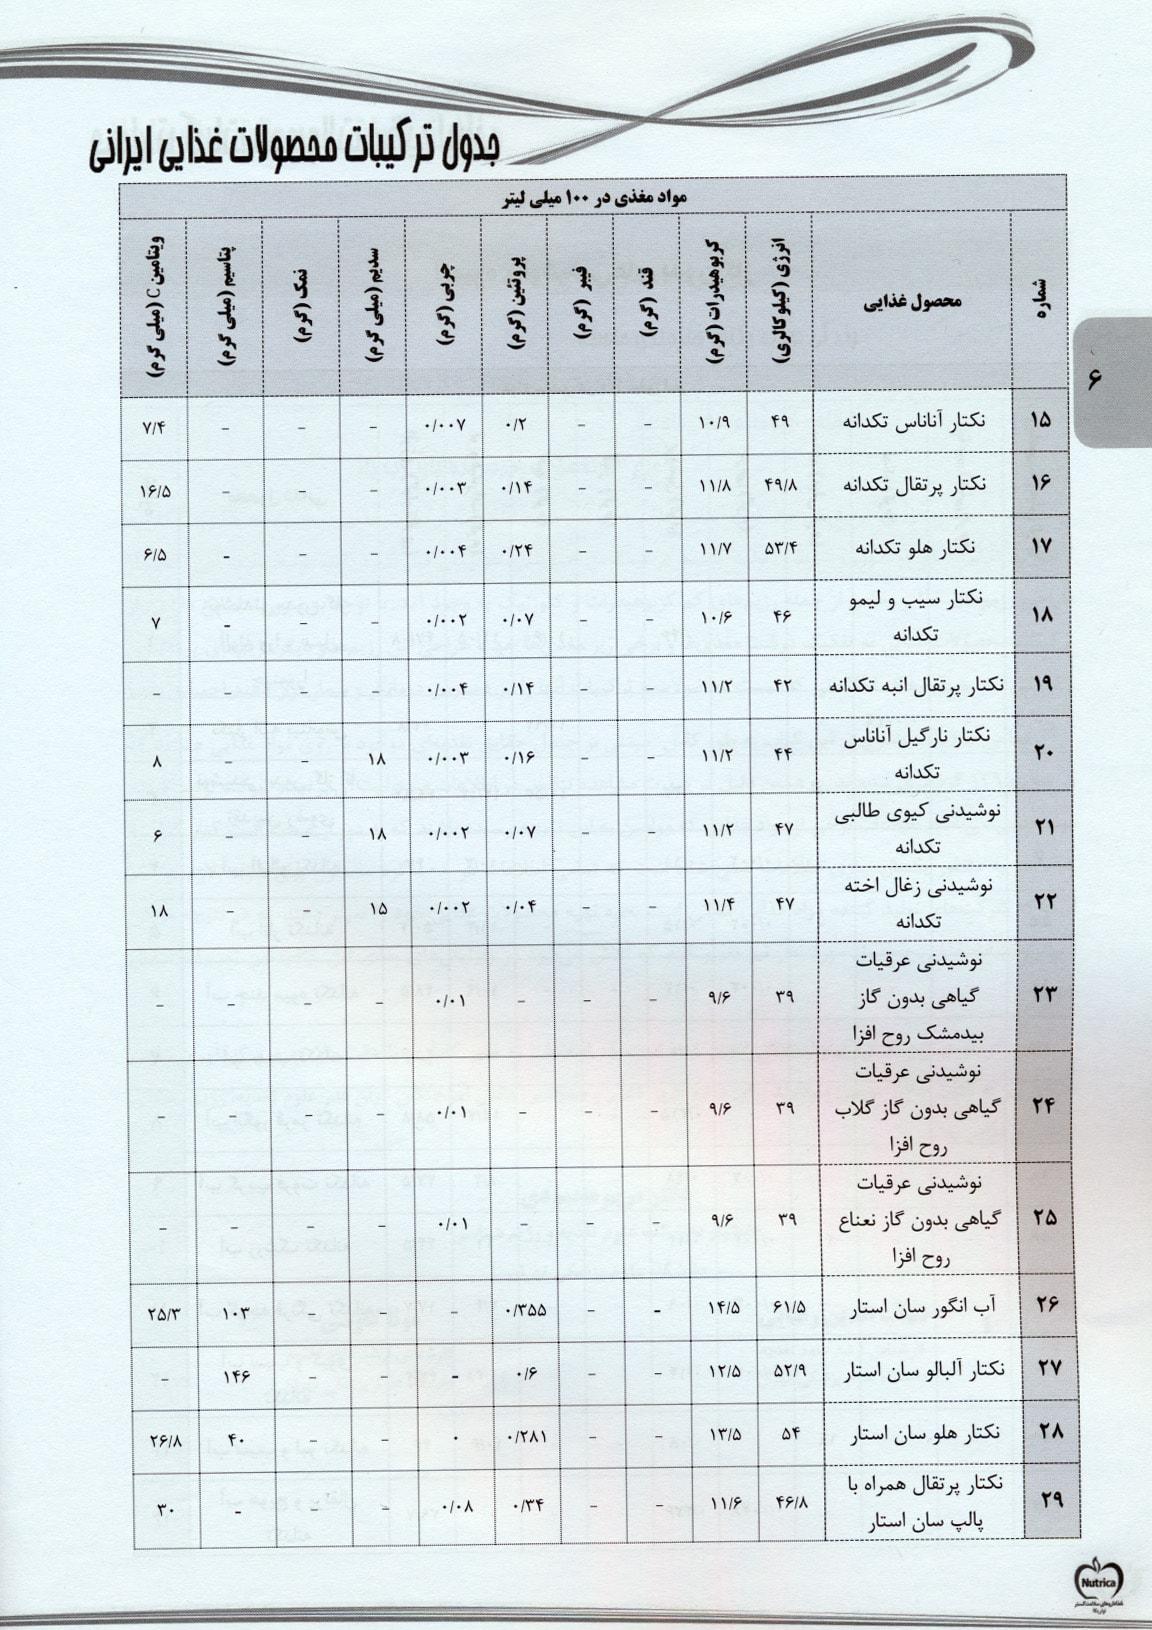 جدول ترکیبات محصولات غذایی ایرانی (به تفکیک شرکت تولید کننده)